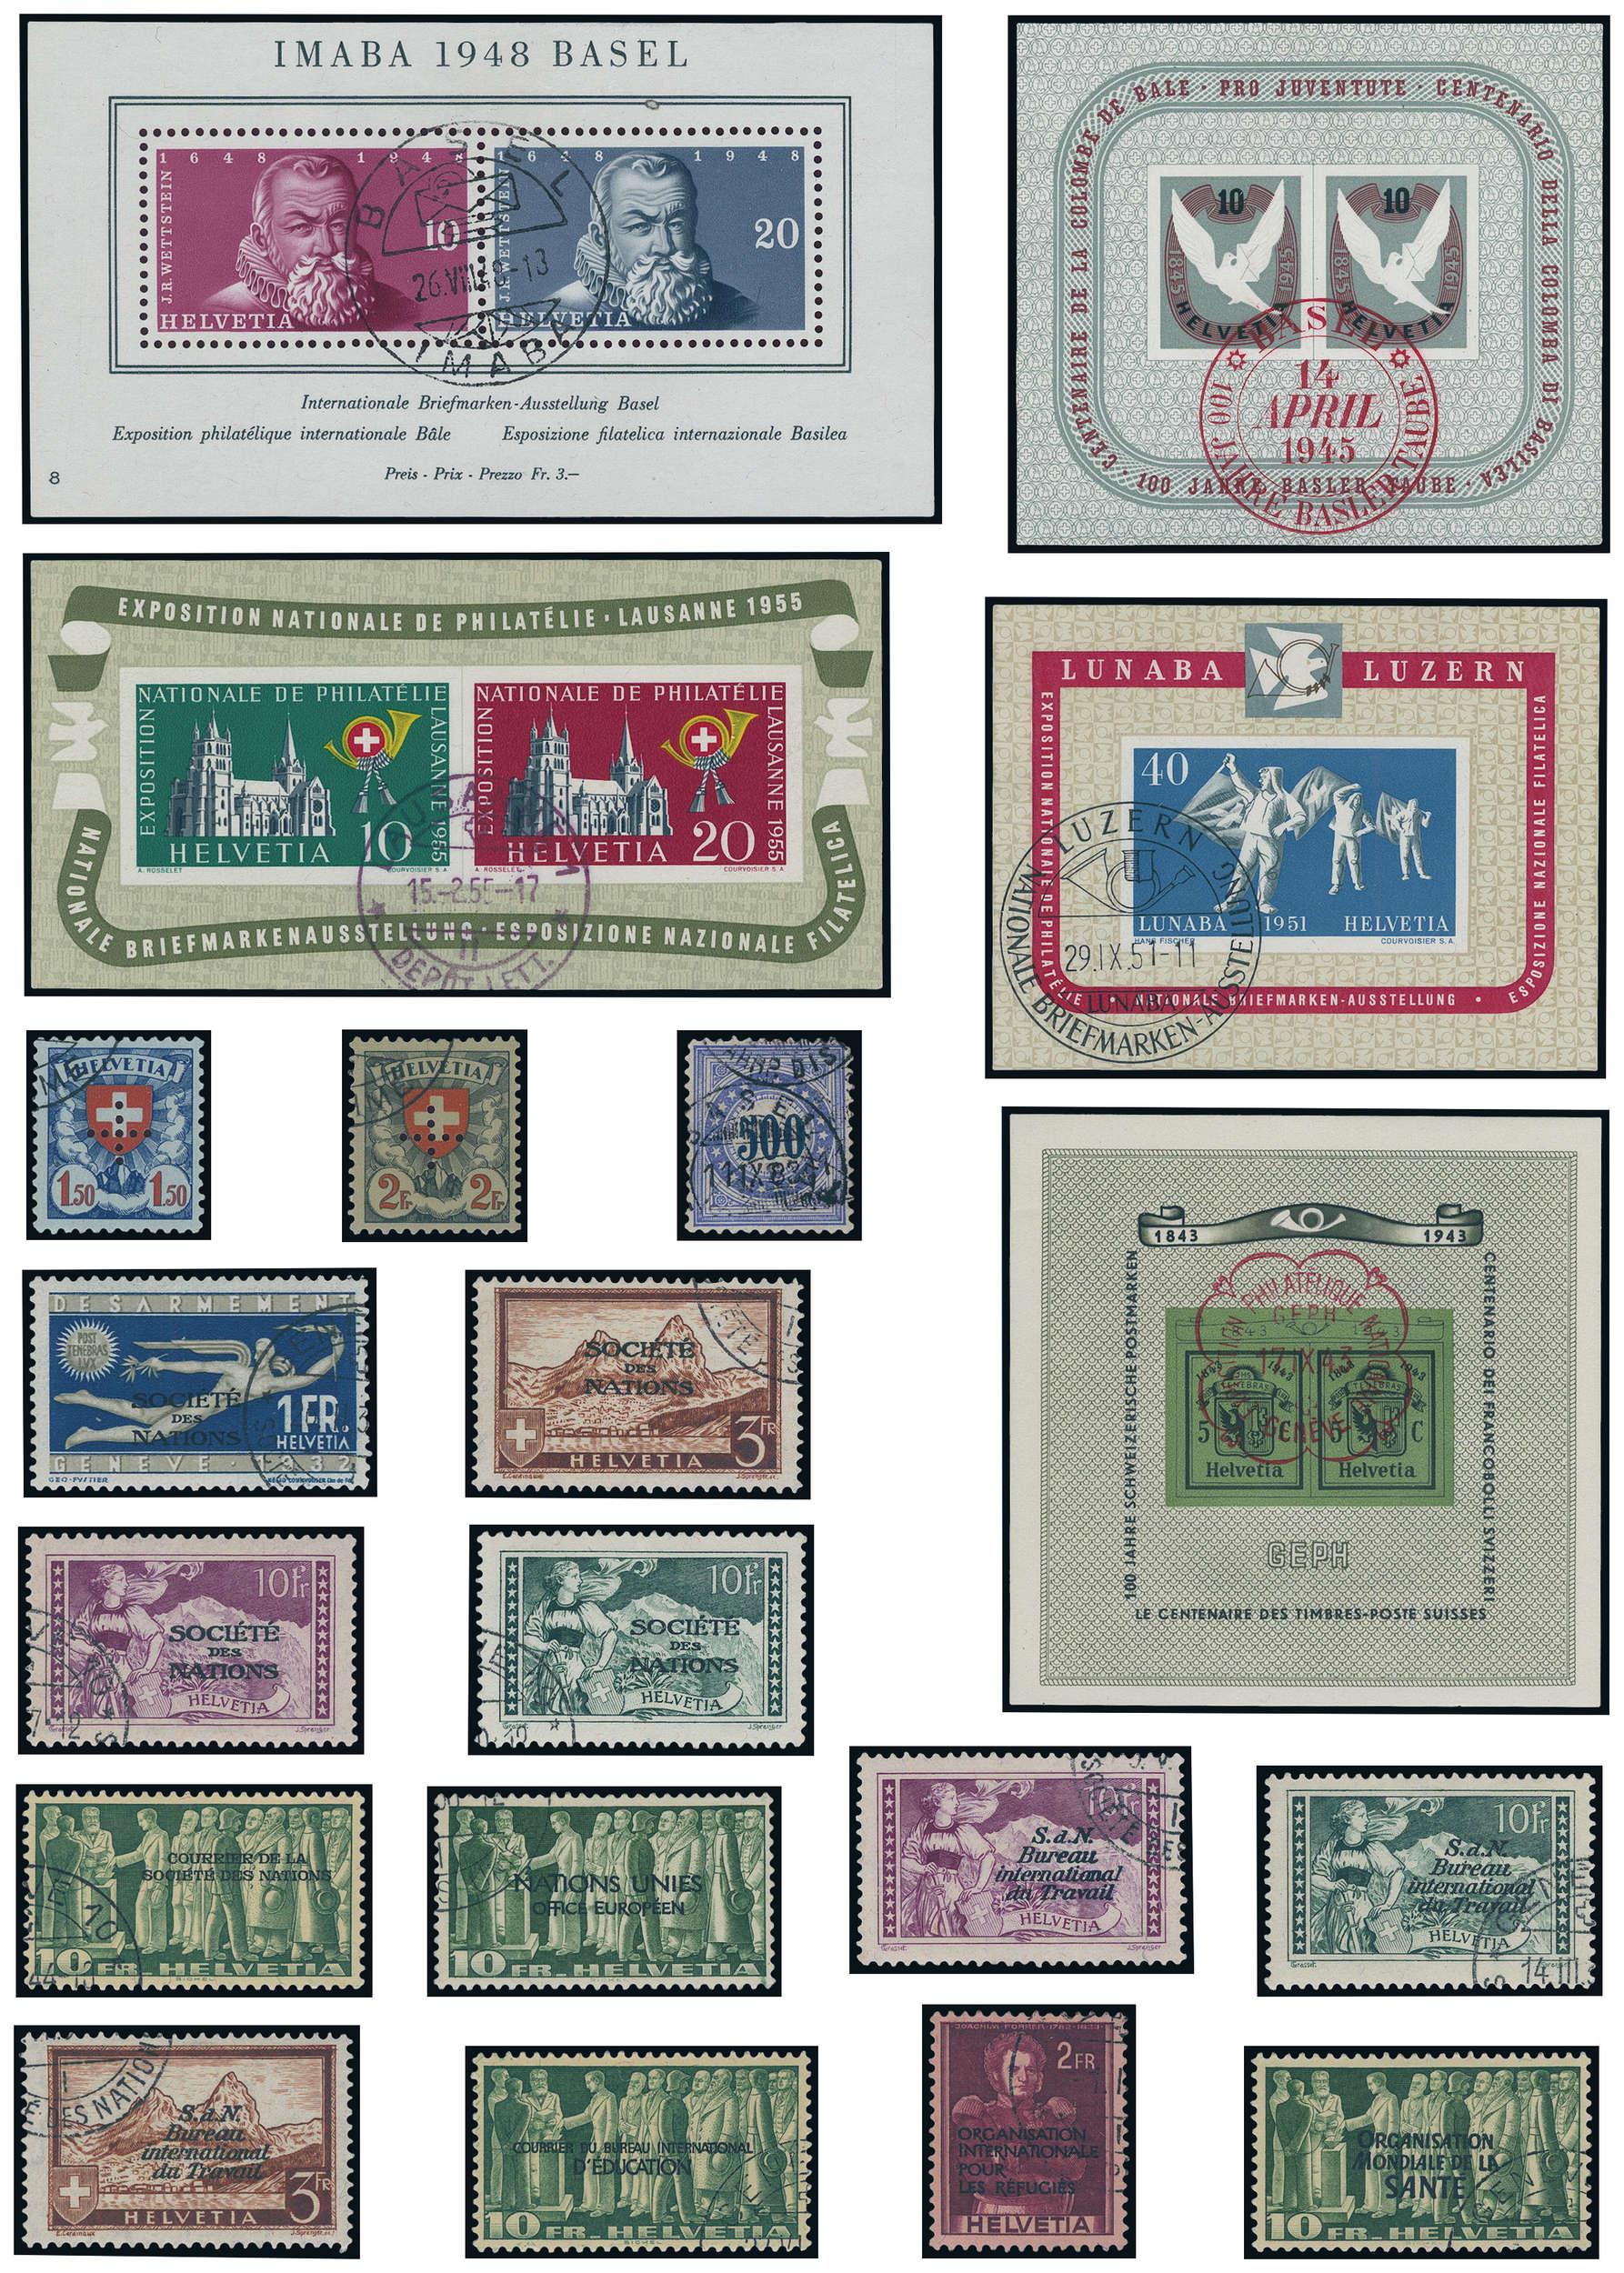 Schweiz - Sammlung 1850/1990 mit Gedenkmarke 100 Jahre Basler Taube